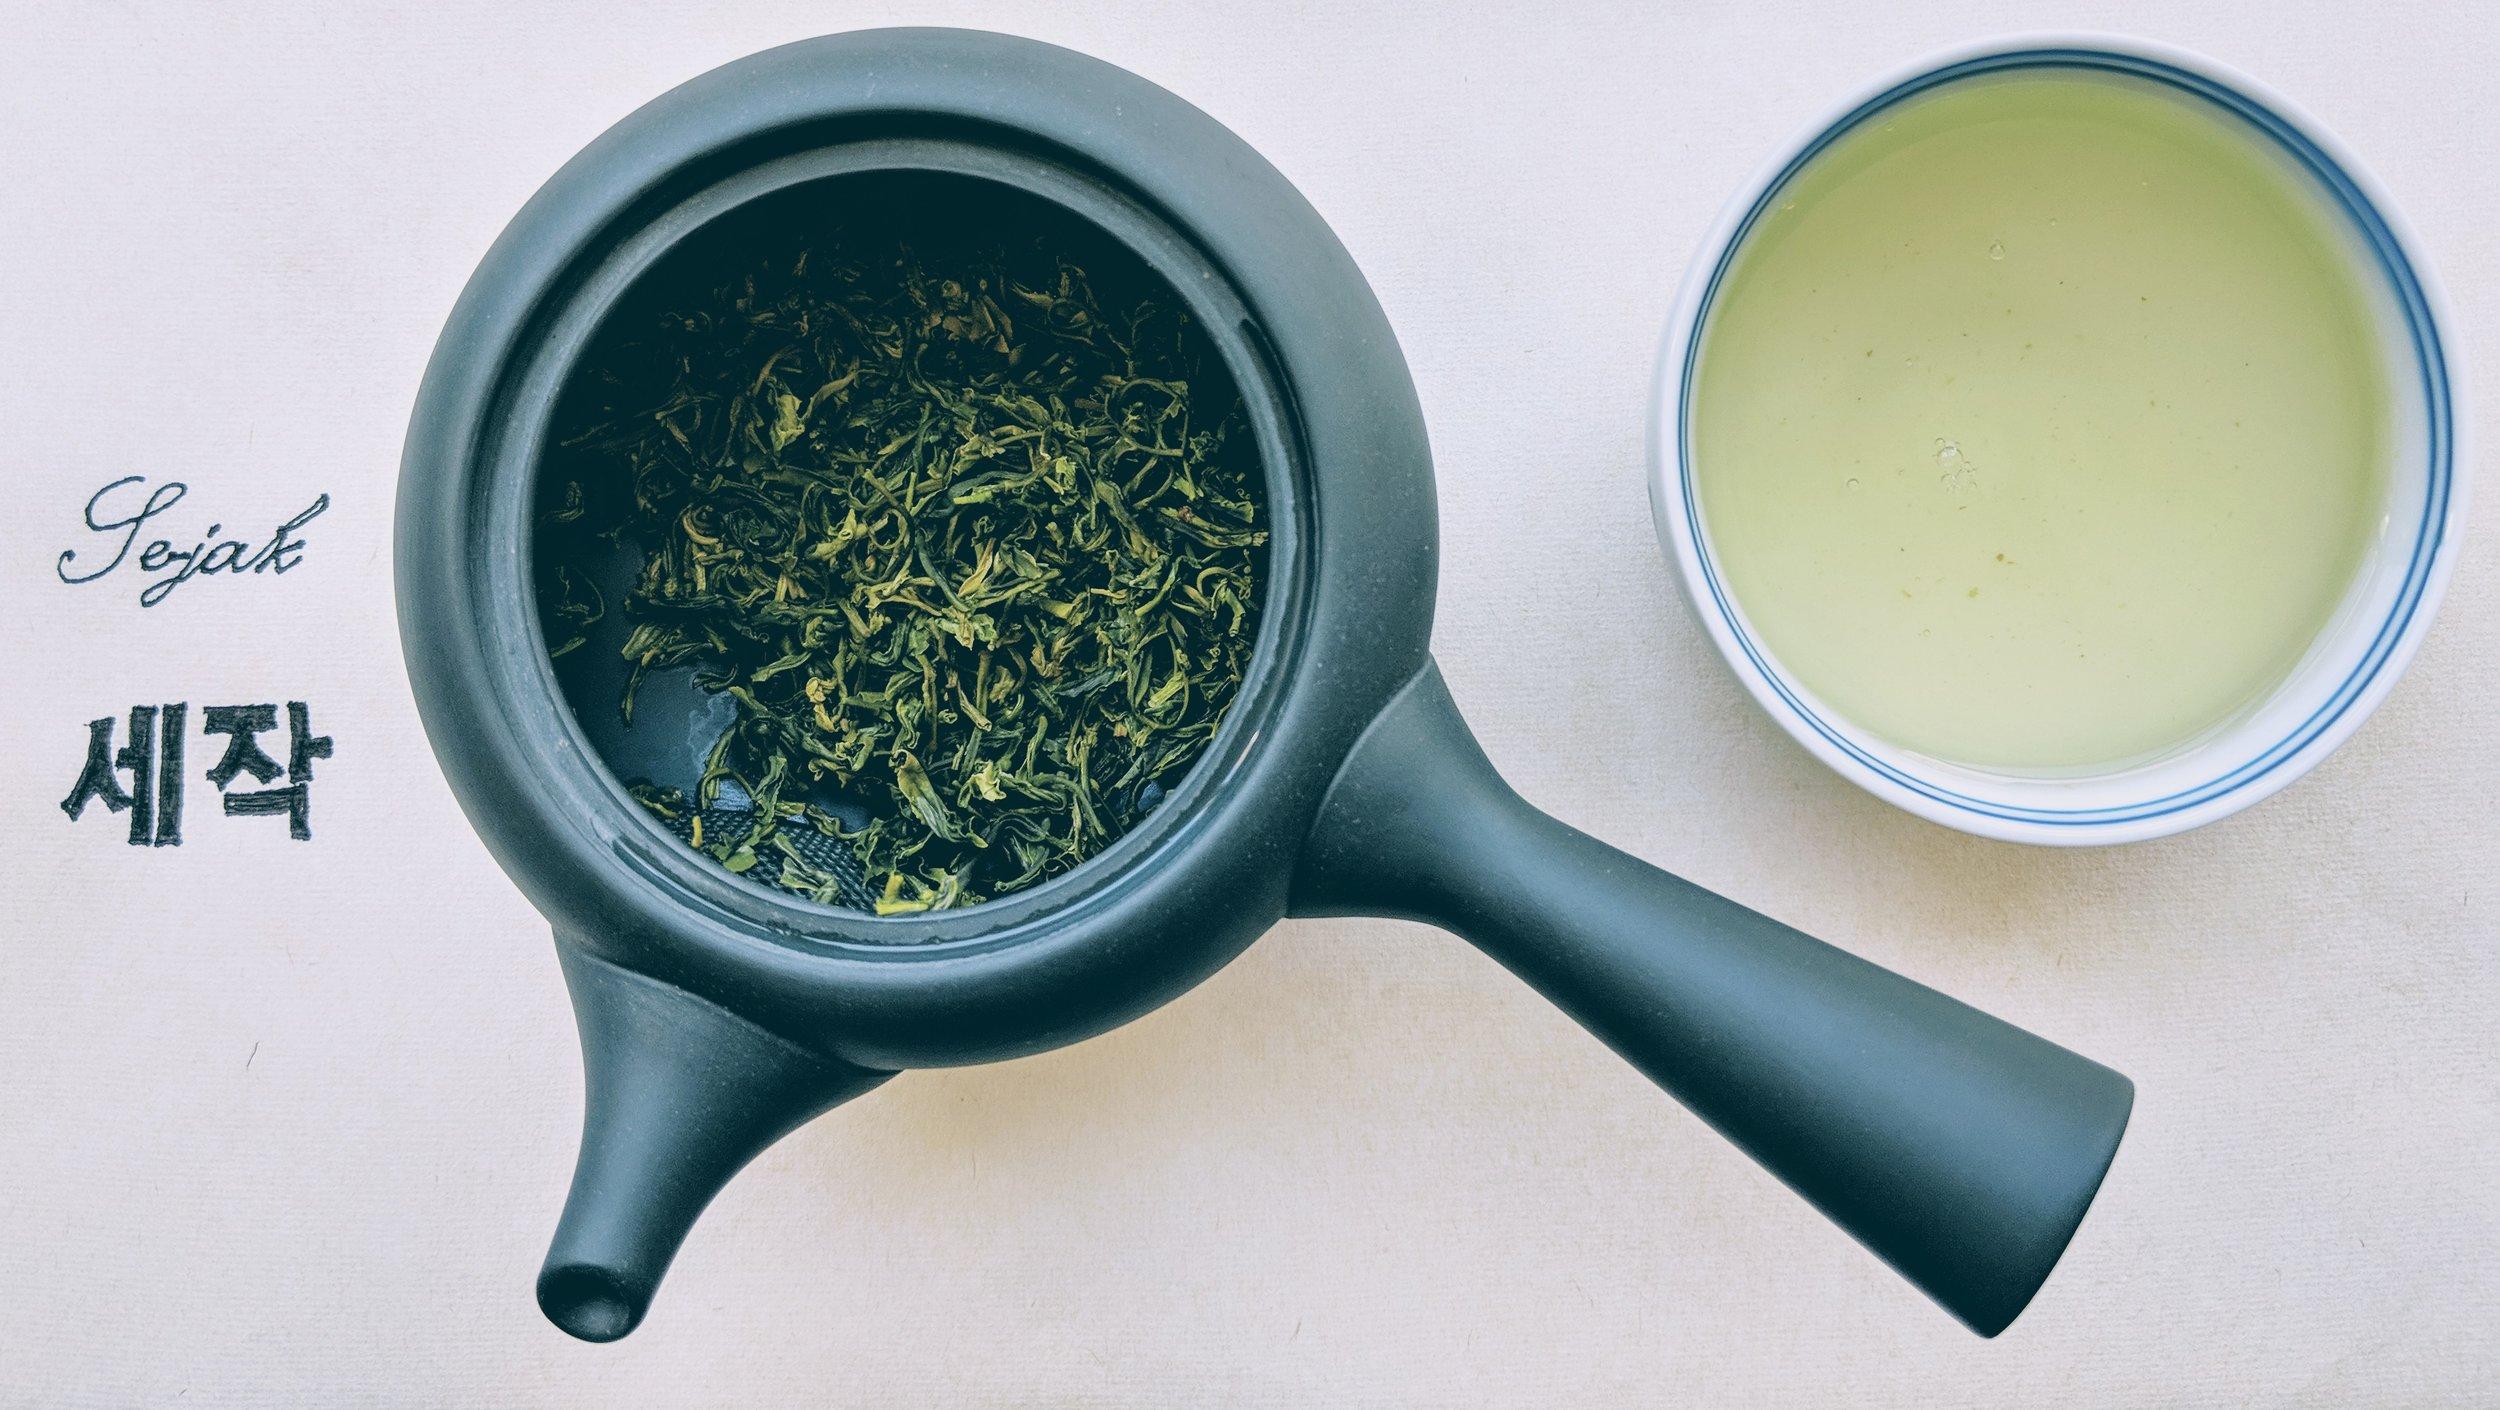 Se jak Korean green tea